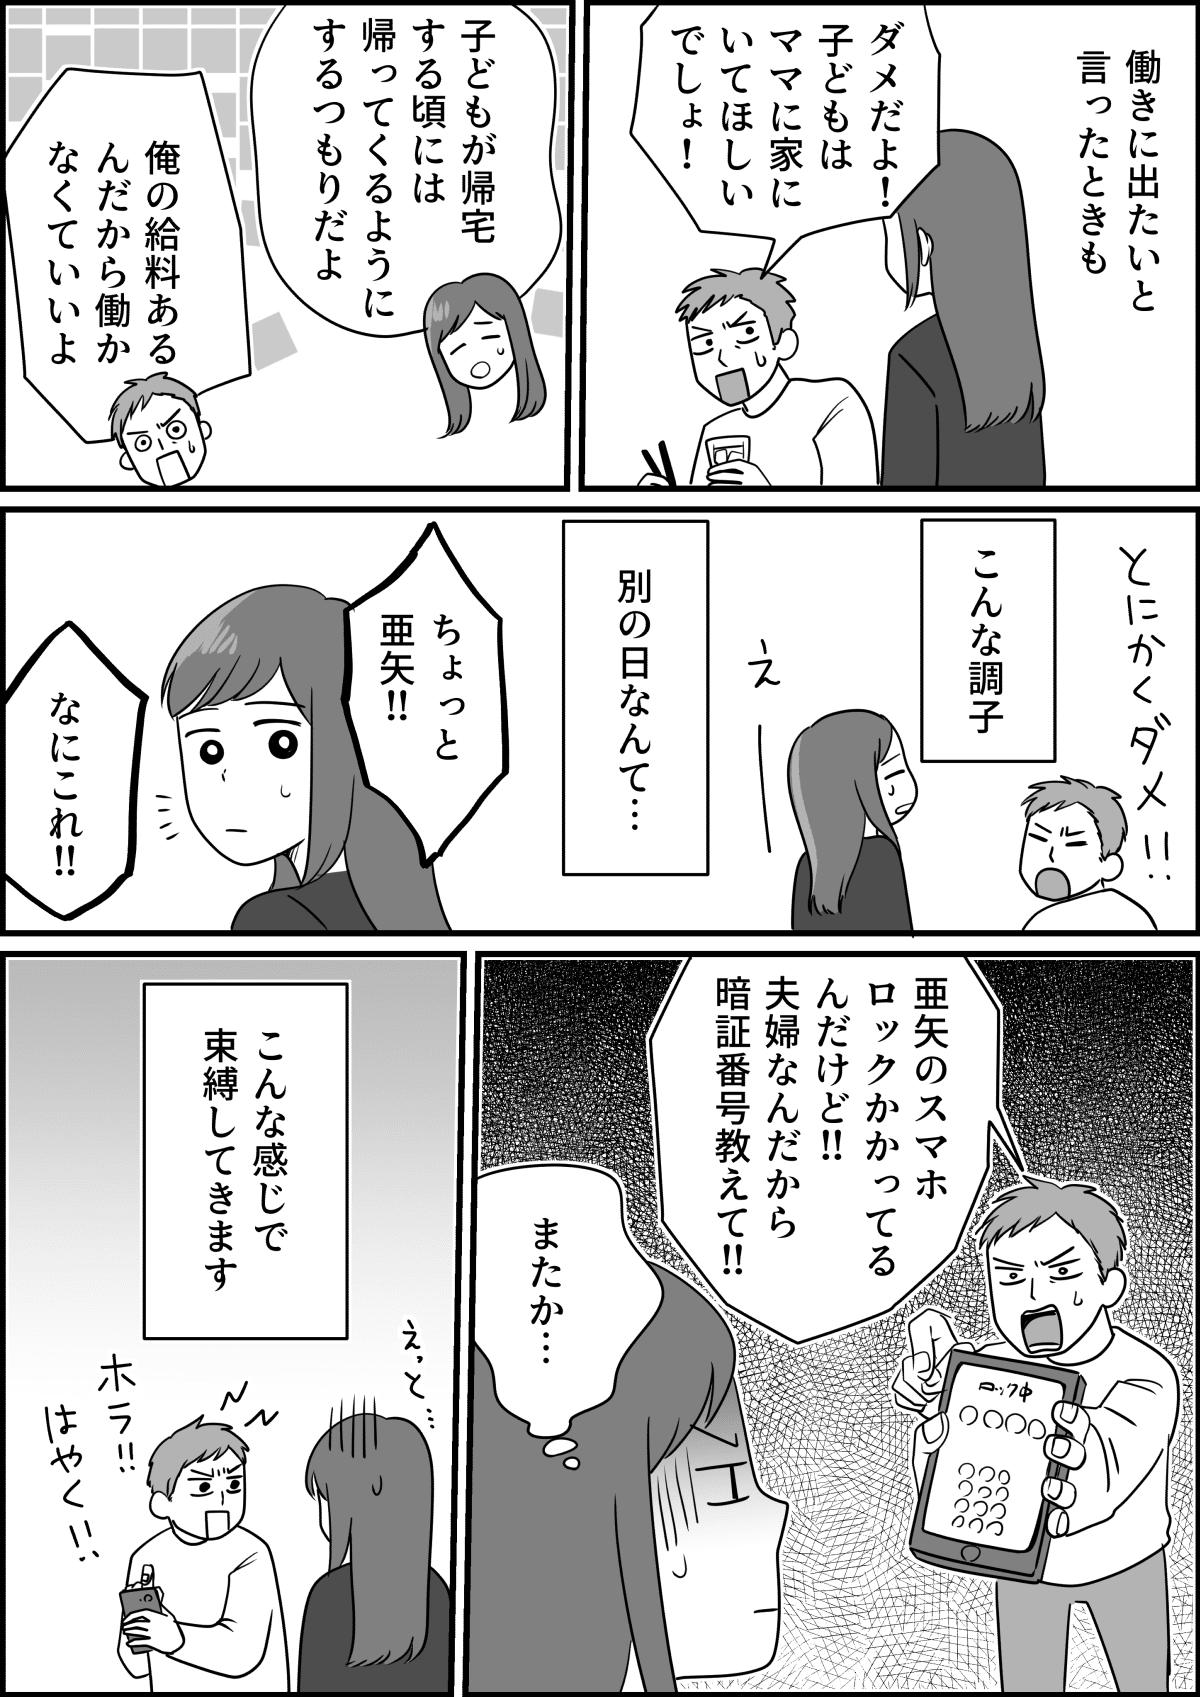 【前編】旦那の束縛がすごい!